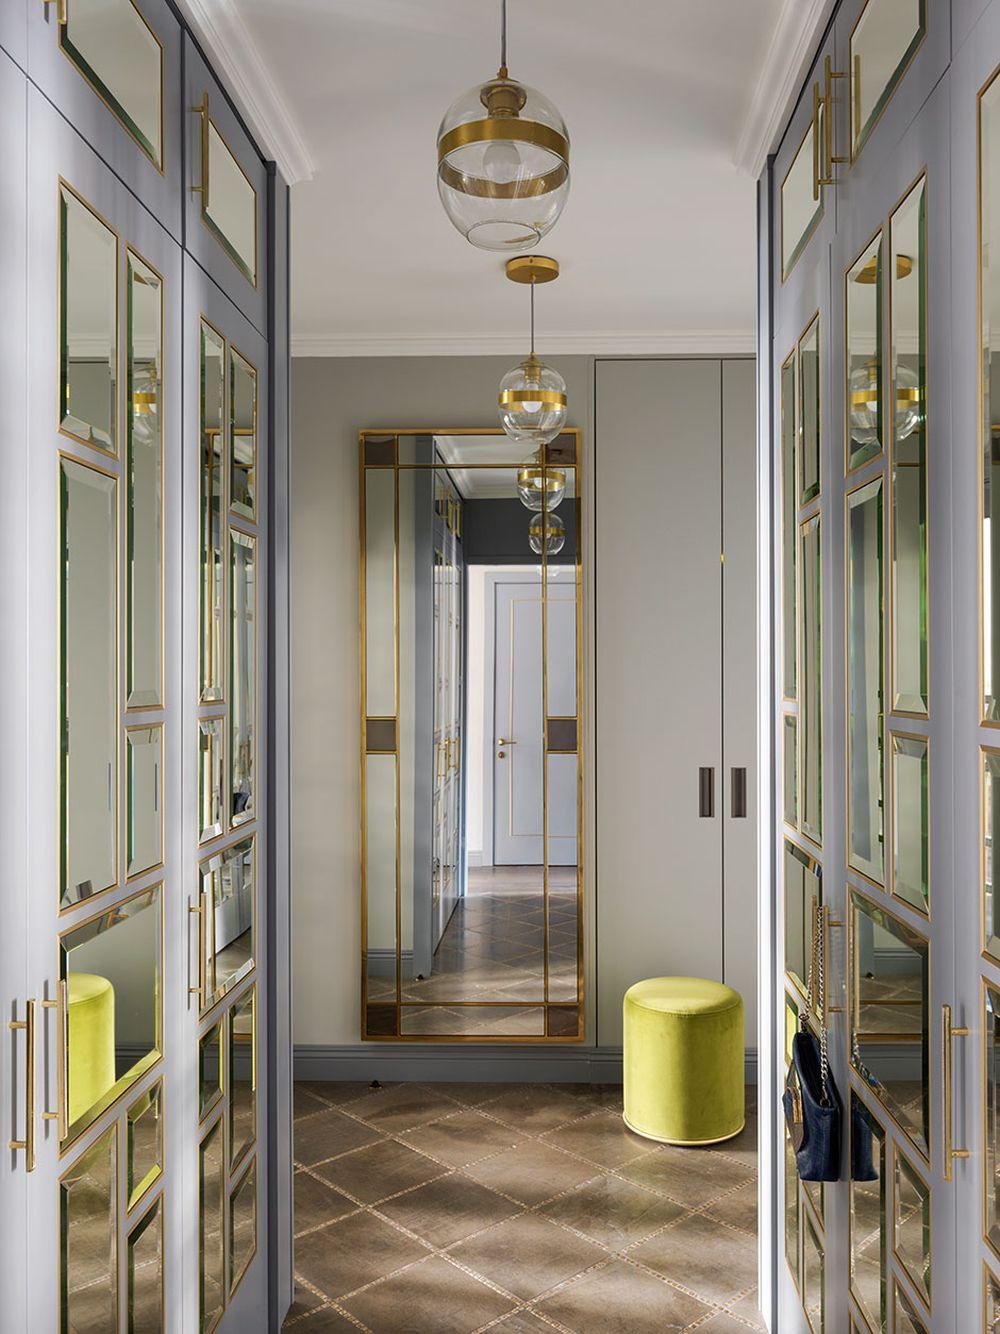 În hol designerul a prevăzut dulapuri cu fețe placate cu oglinzi. Totul este elegant tratat.